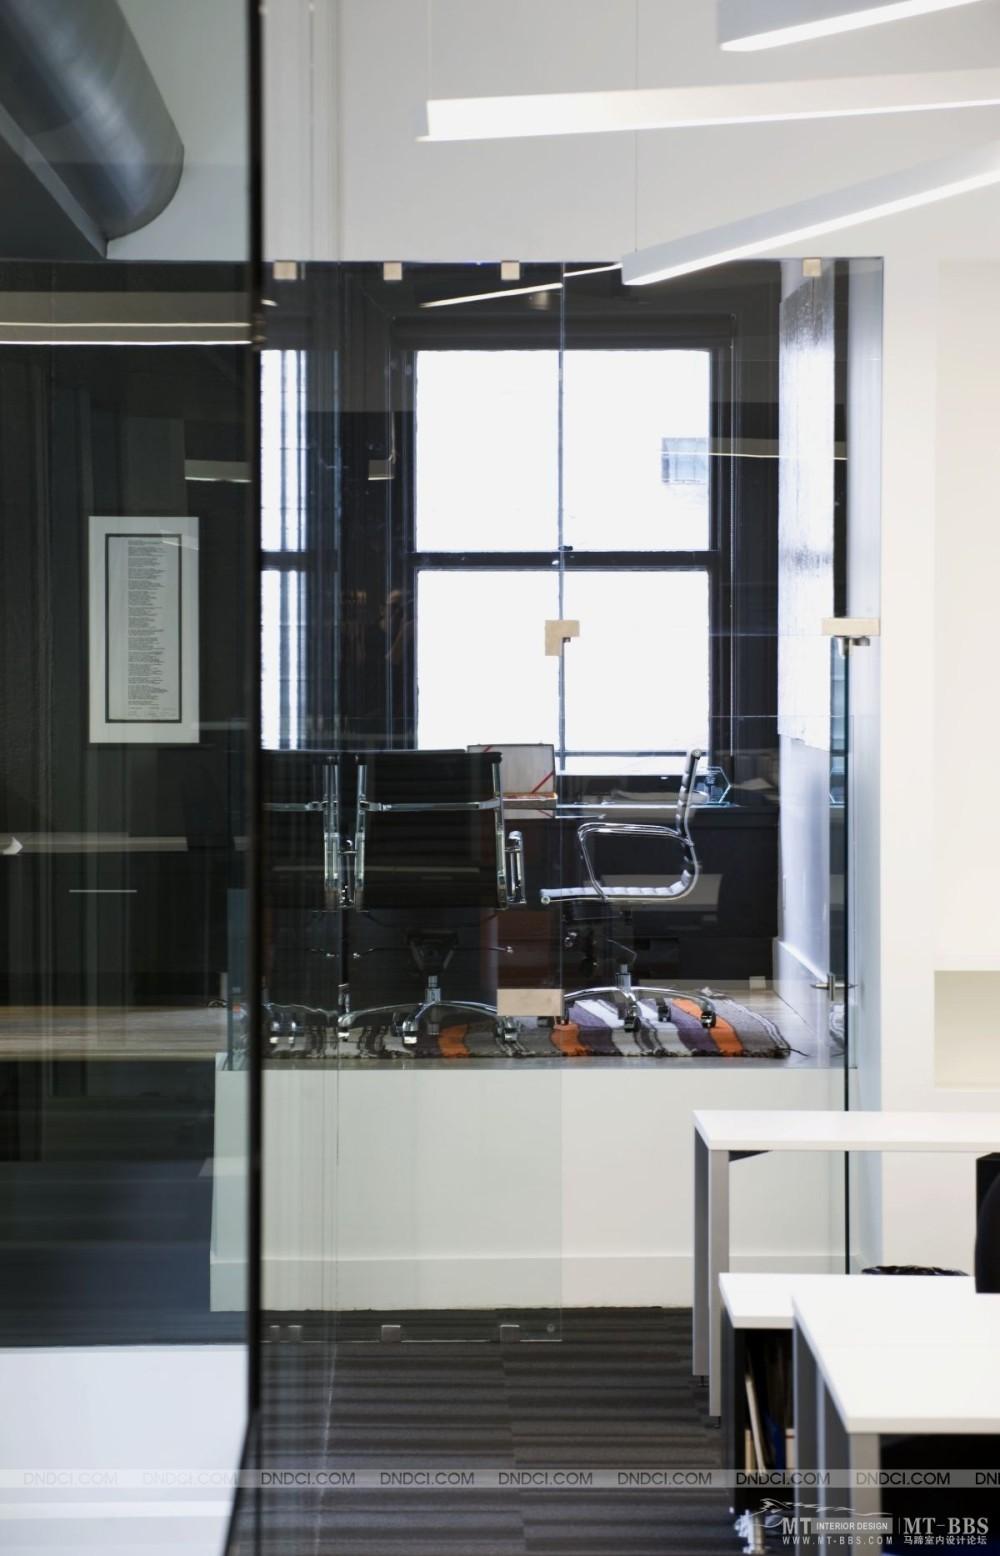 加拿大LEMAYMICHAUD设计公司的办公室_MD5bf6fd216c0cec98d.jpg